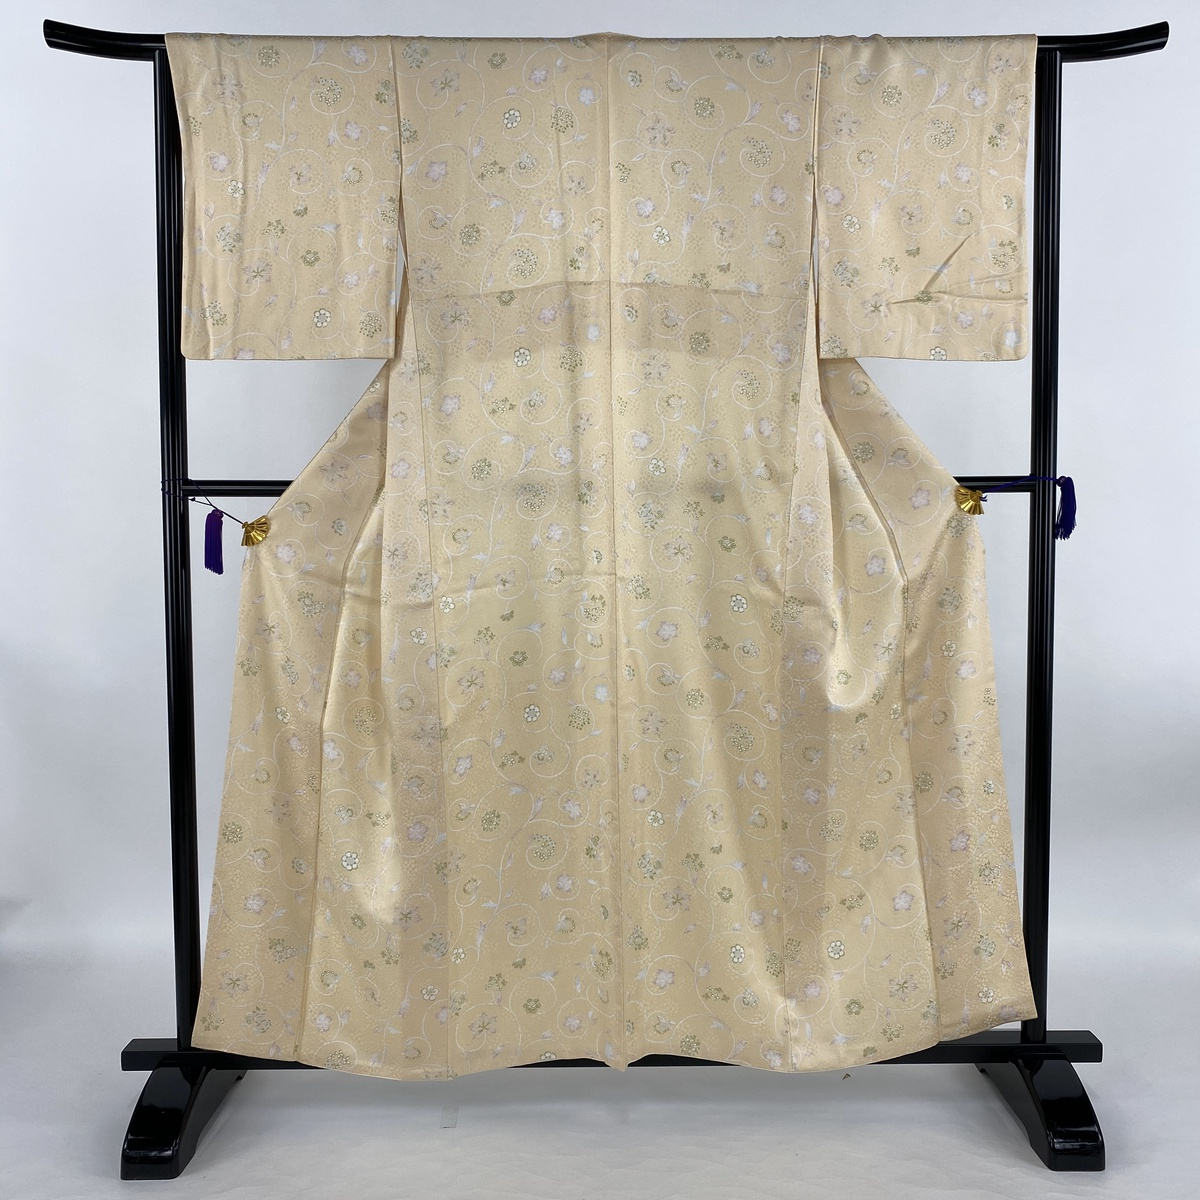 小紋 美品 名品 花唐草 クリーム 袷 身丈158.5cm 裄丈65.5cm M 正絹 【中古】